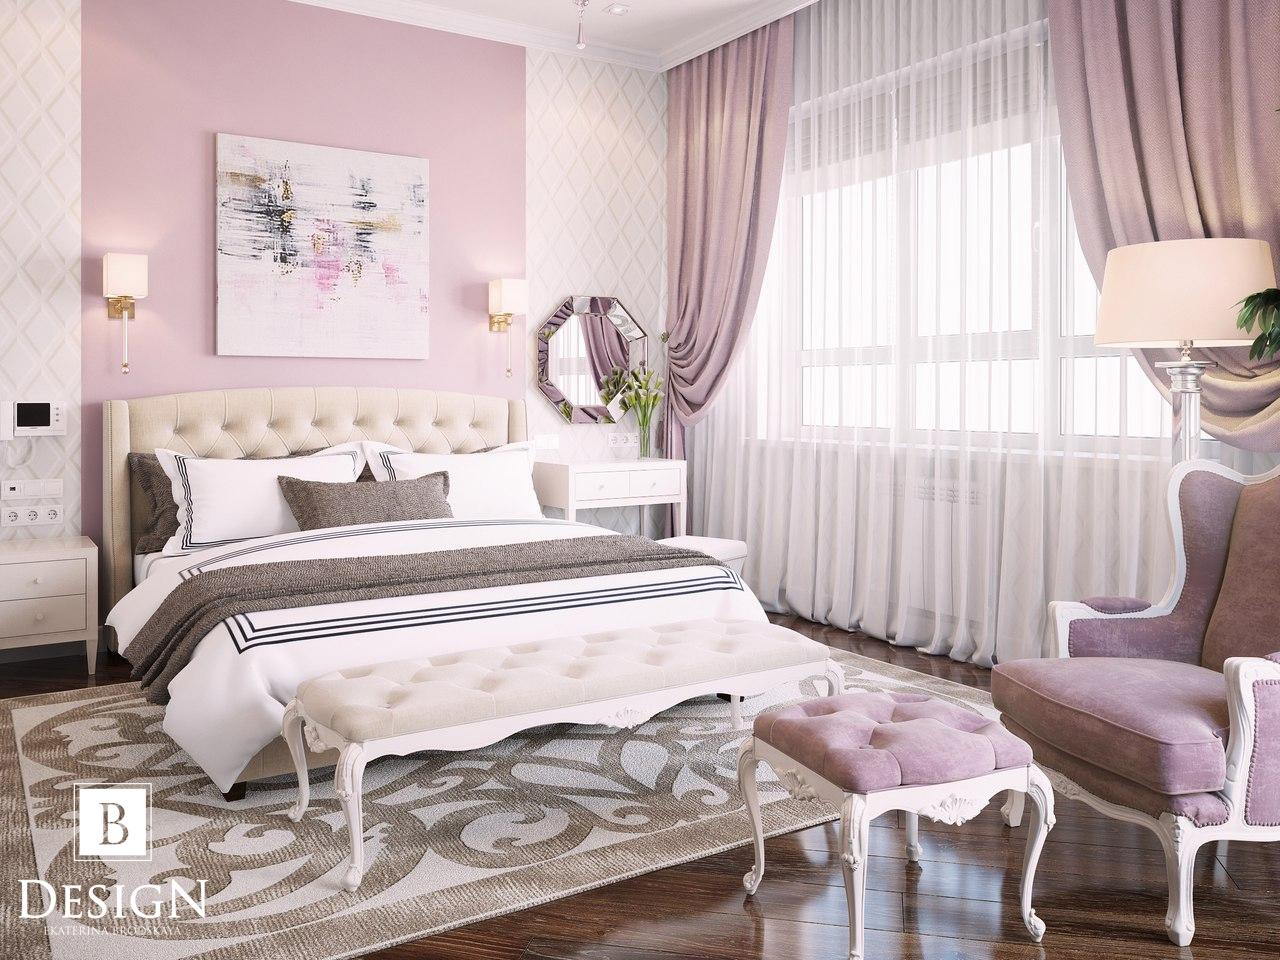 Обустраиваем интерьер спальни: дизайн и планировка